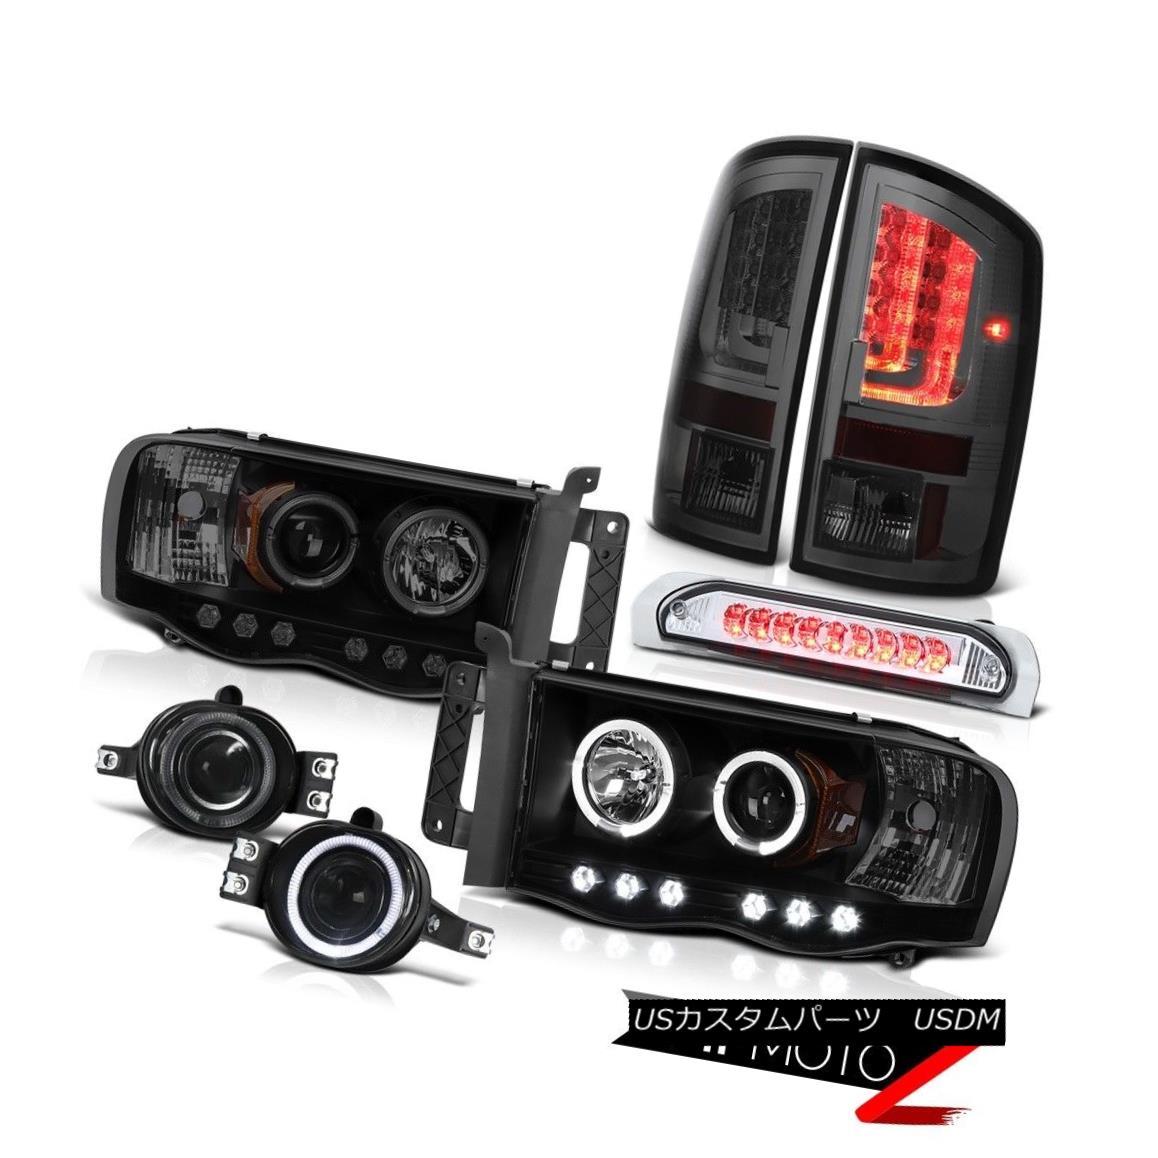 テールライト 2002-2005 Dodge Ram 1500 SLT Taillamps Headlights Fog Lights High STop Lamp LED 2002-2005ダッジラム1500 SLTタイルランプヘッドライトフォグライトハイSTOPランプLED